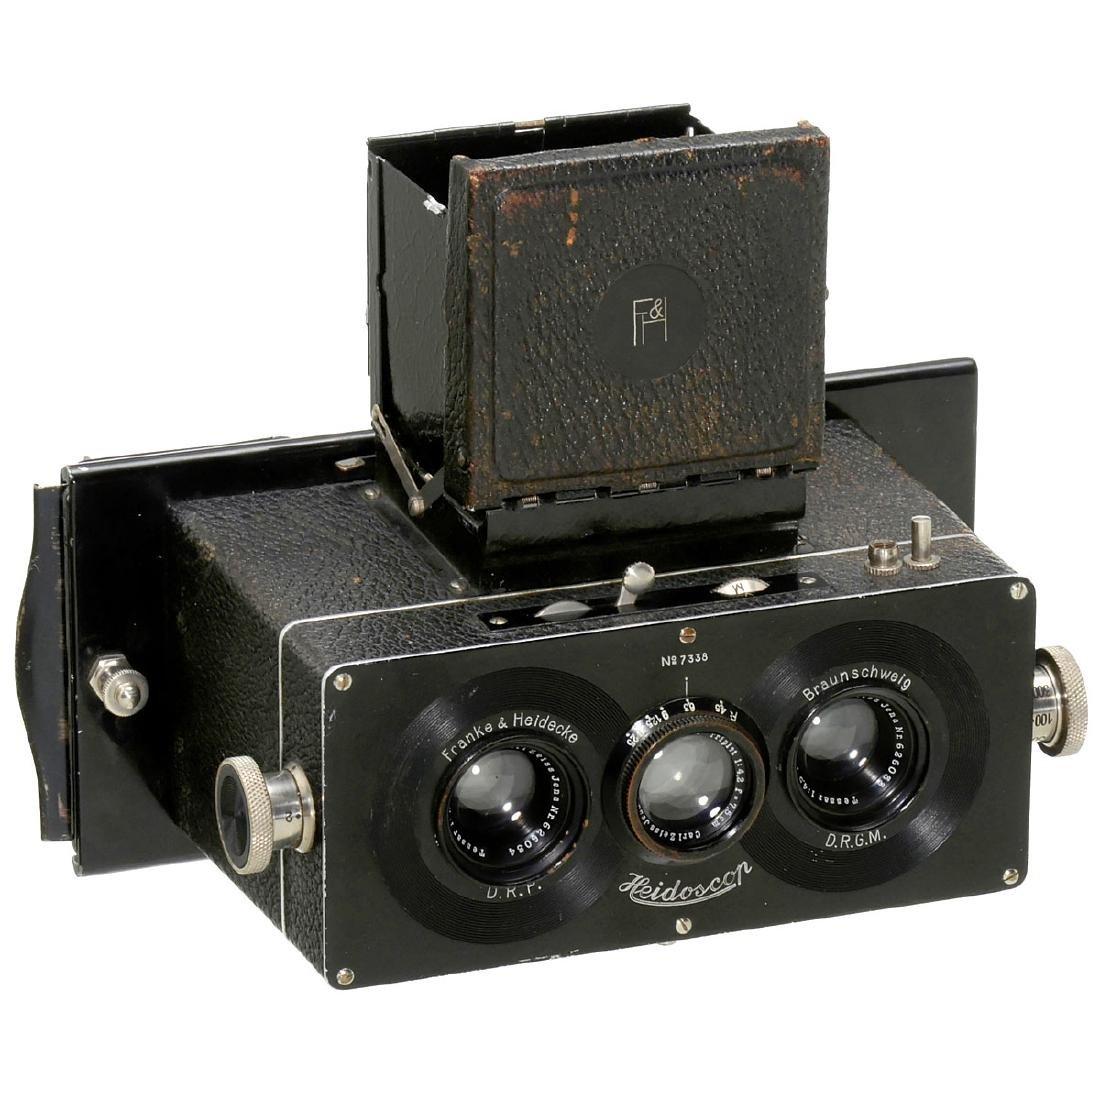 Heidoscop (Second Model) 6 x 13, c. 1926